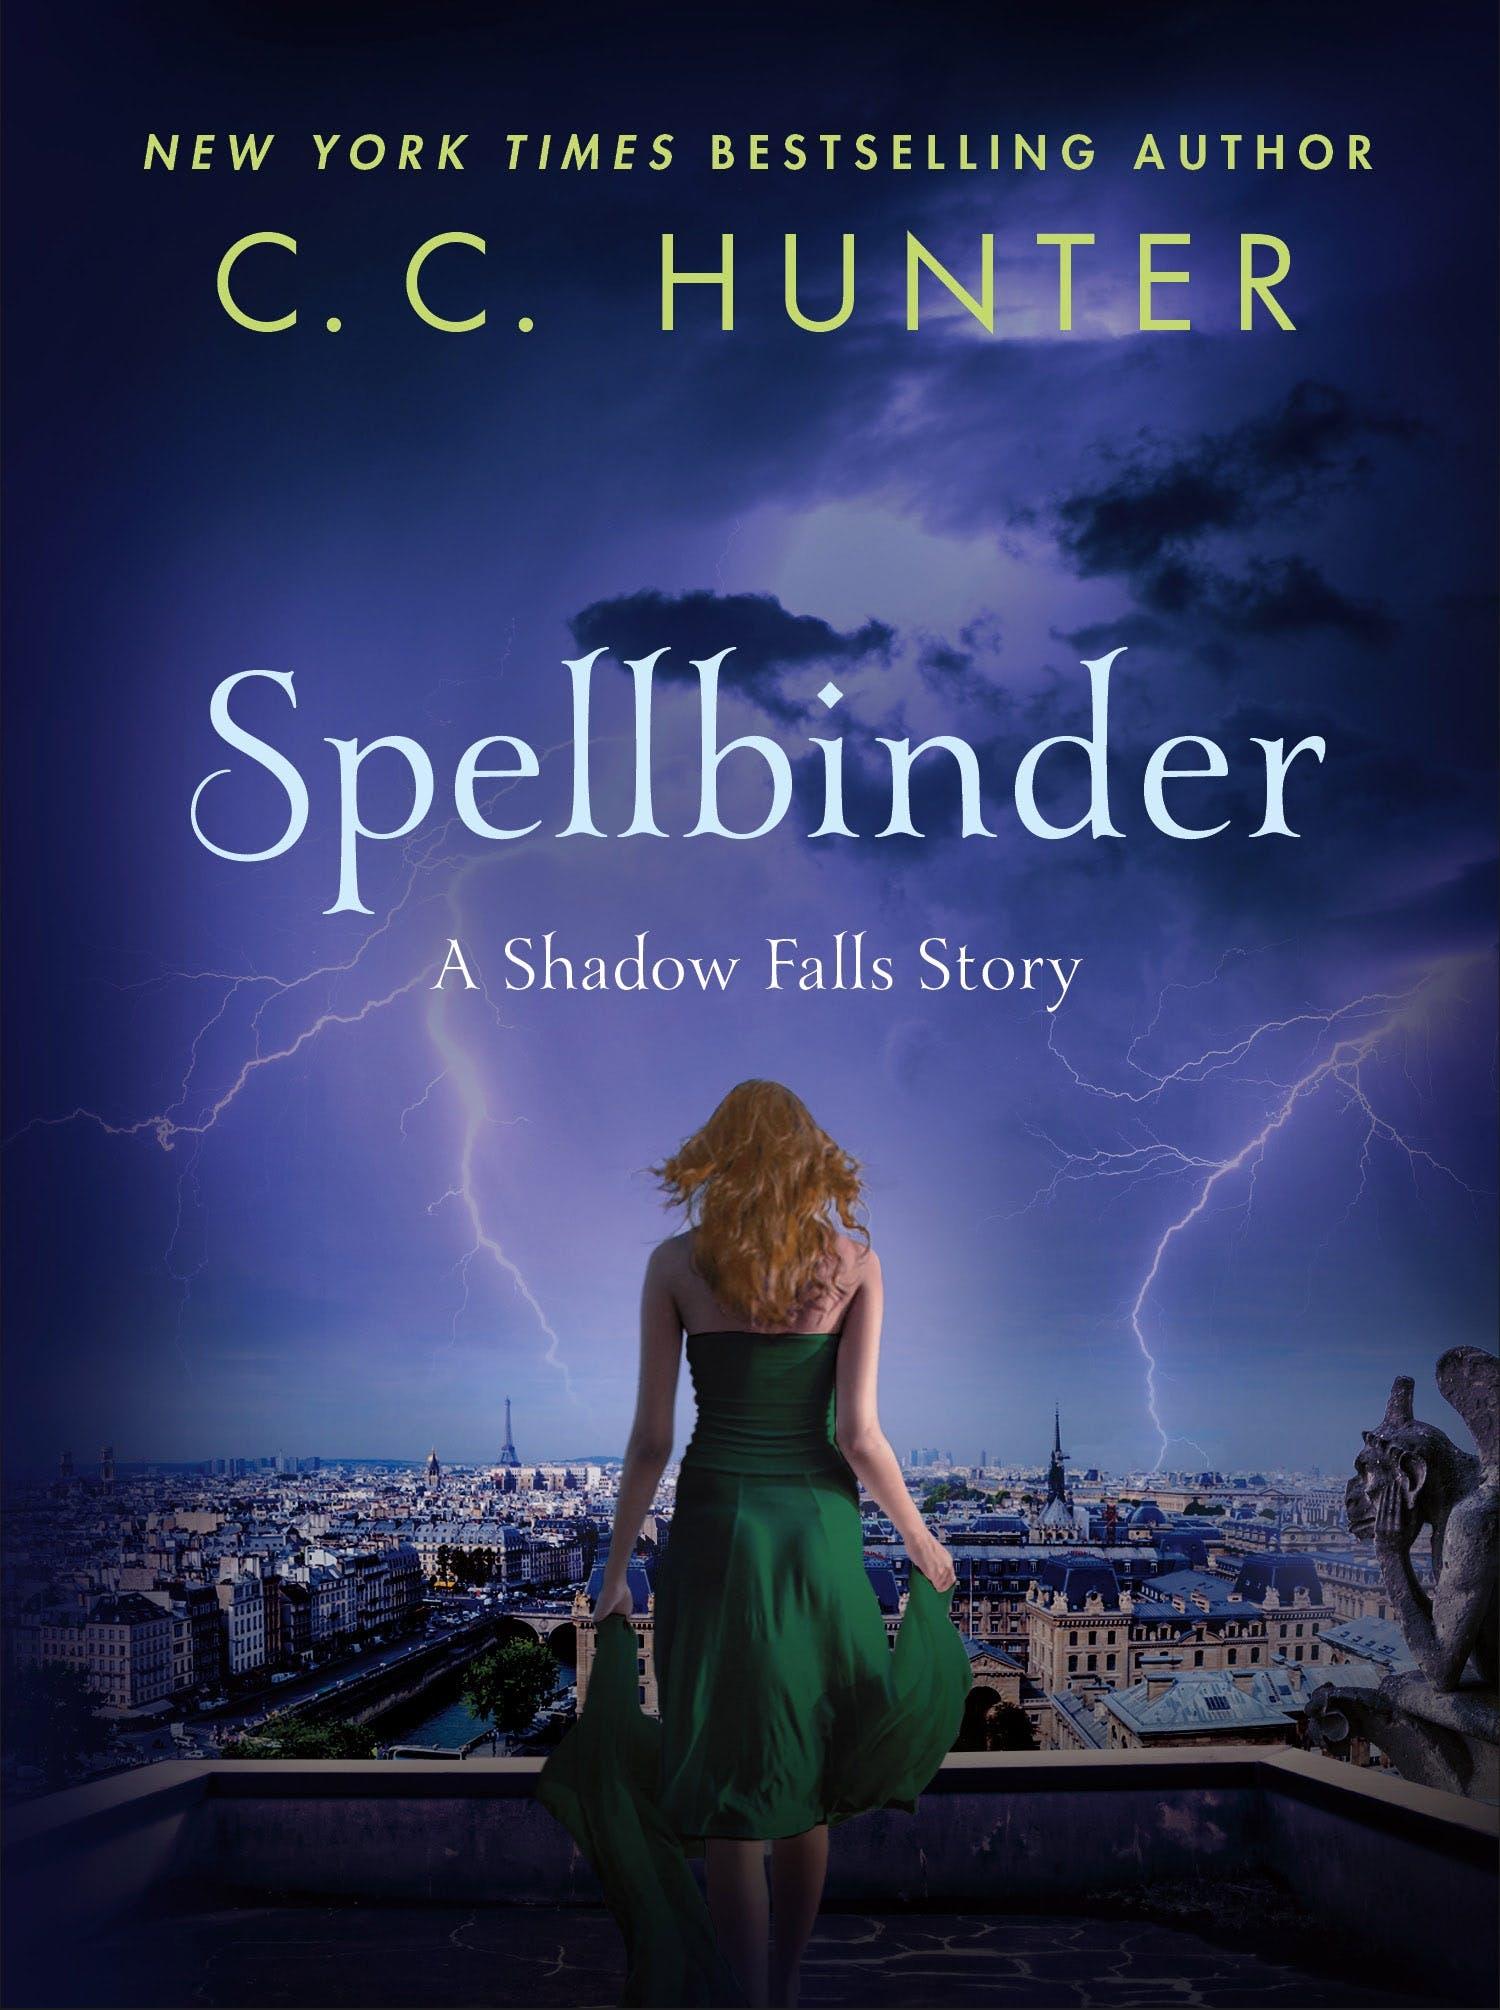 Image of Spellbinder